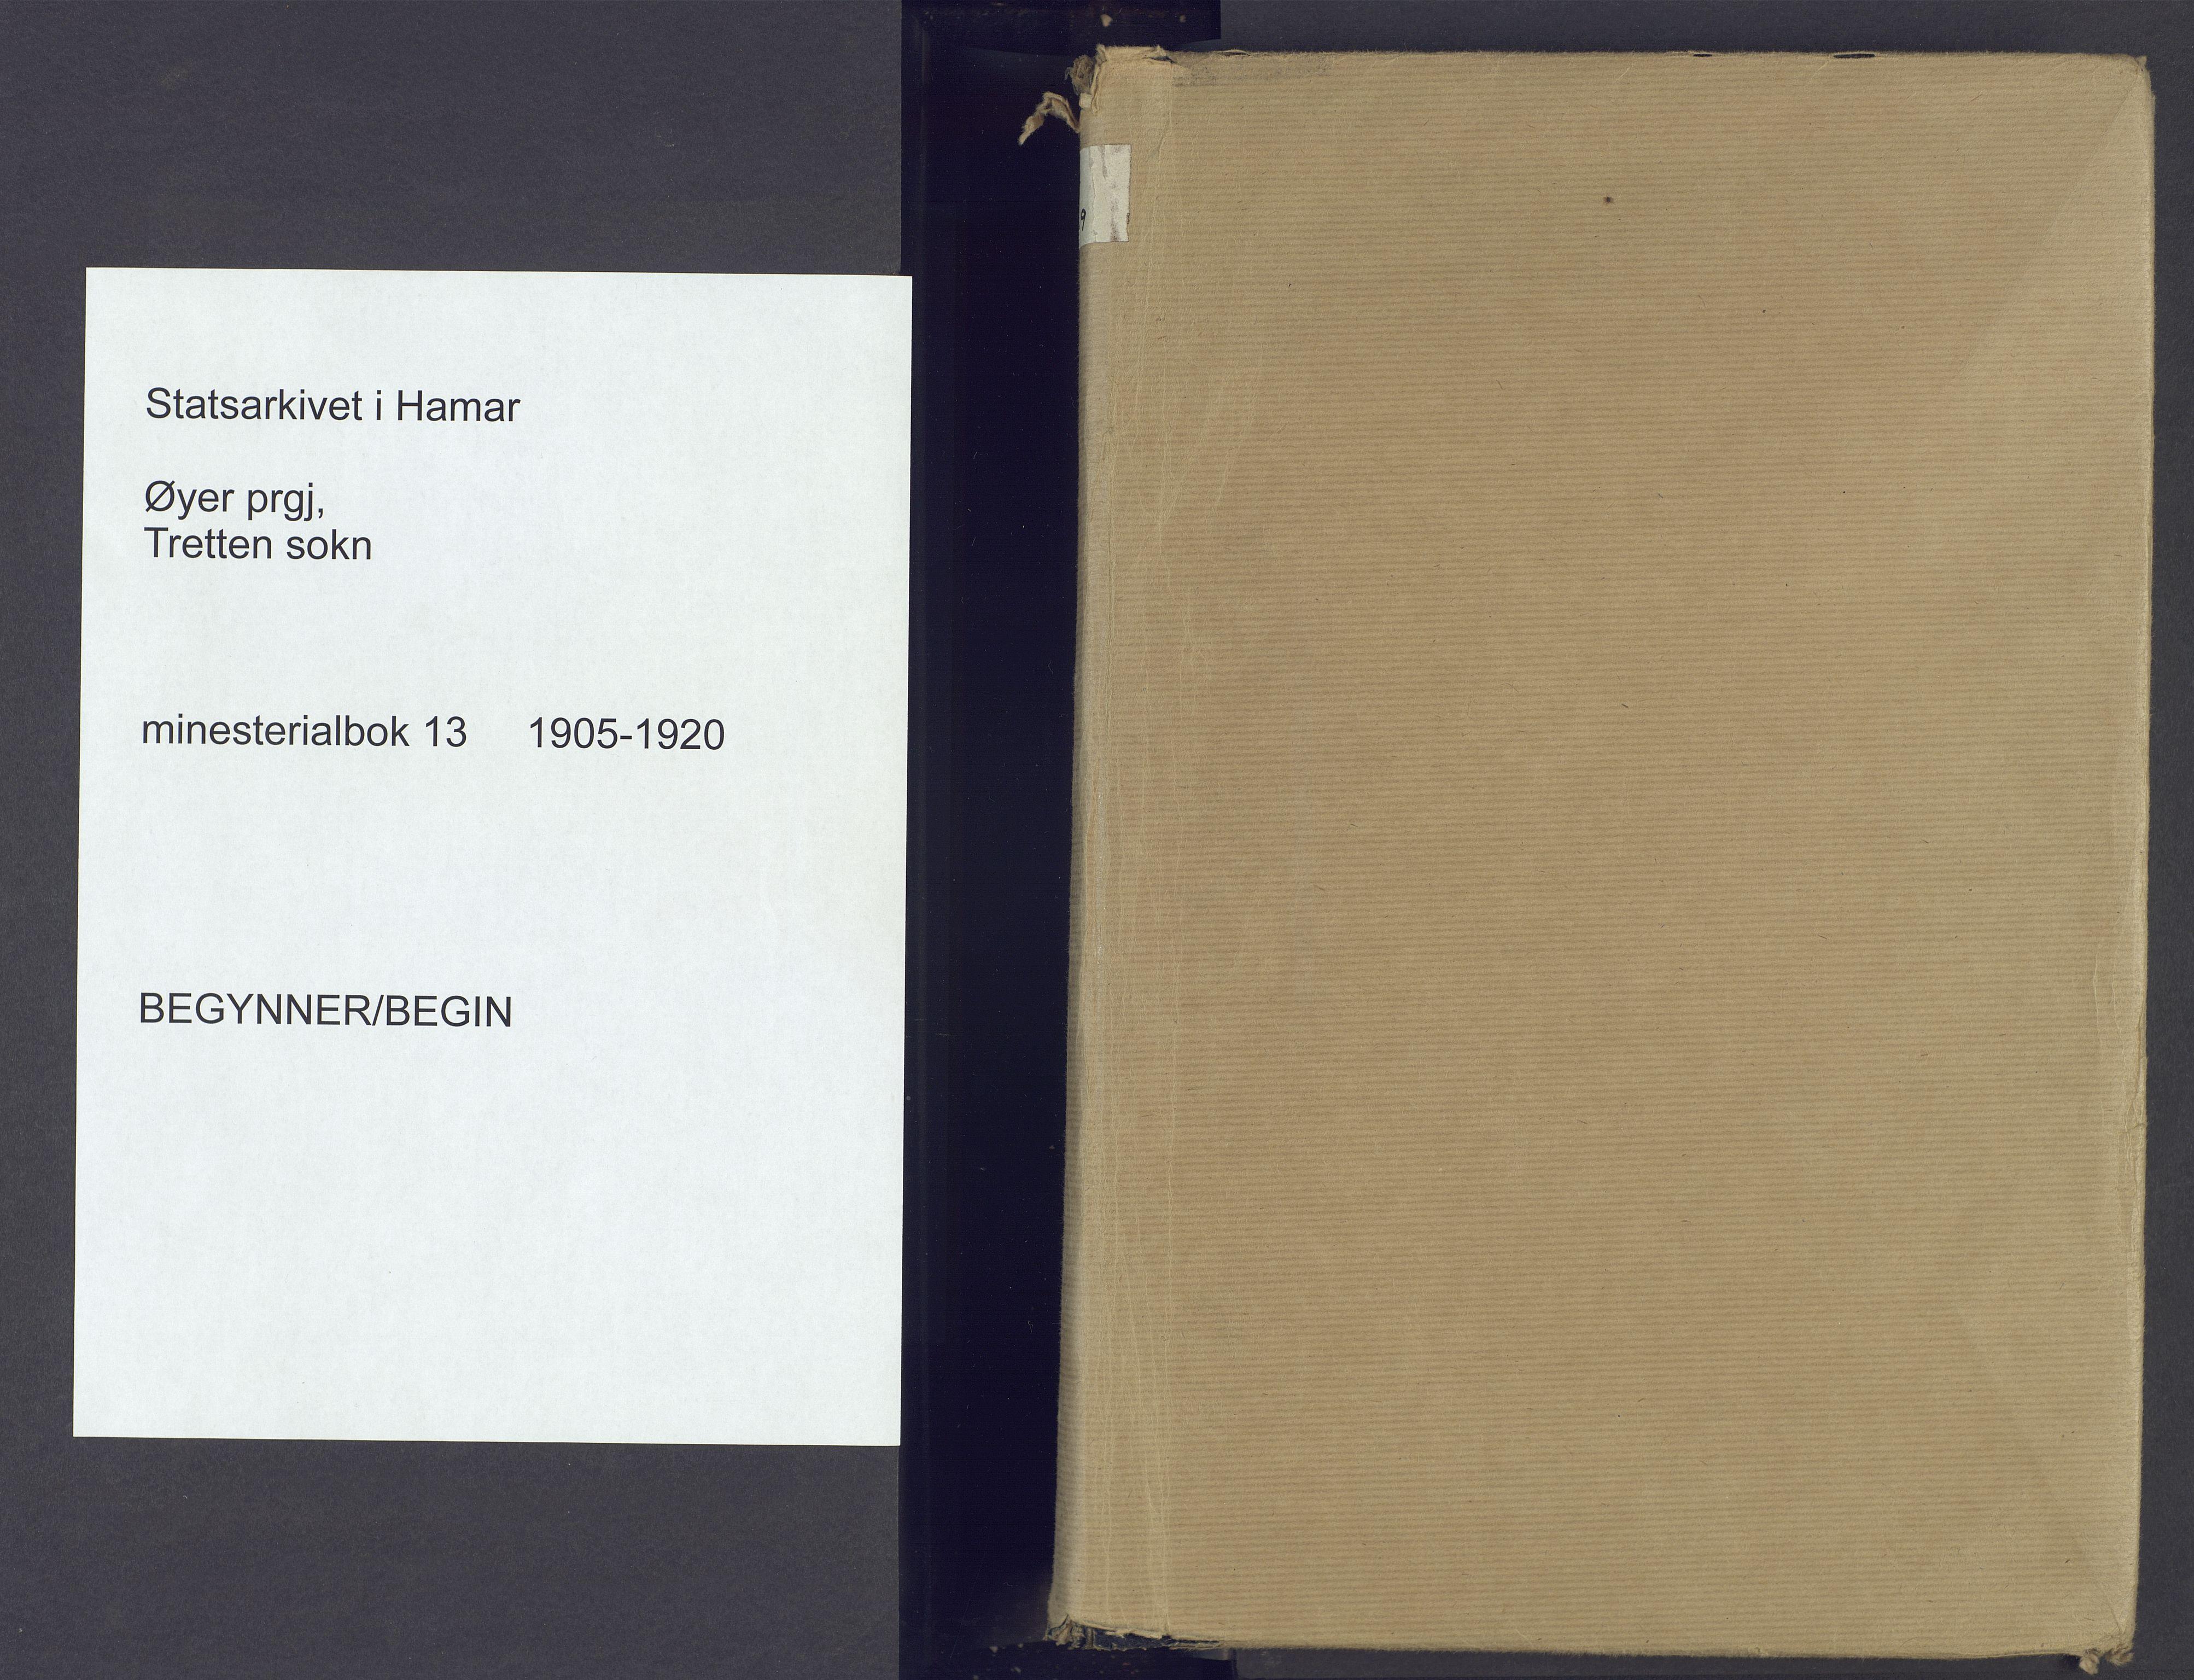 SAH, Øyer prestekontor, Ministerialbok nr. 13, 1905-1920